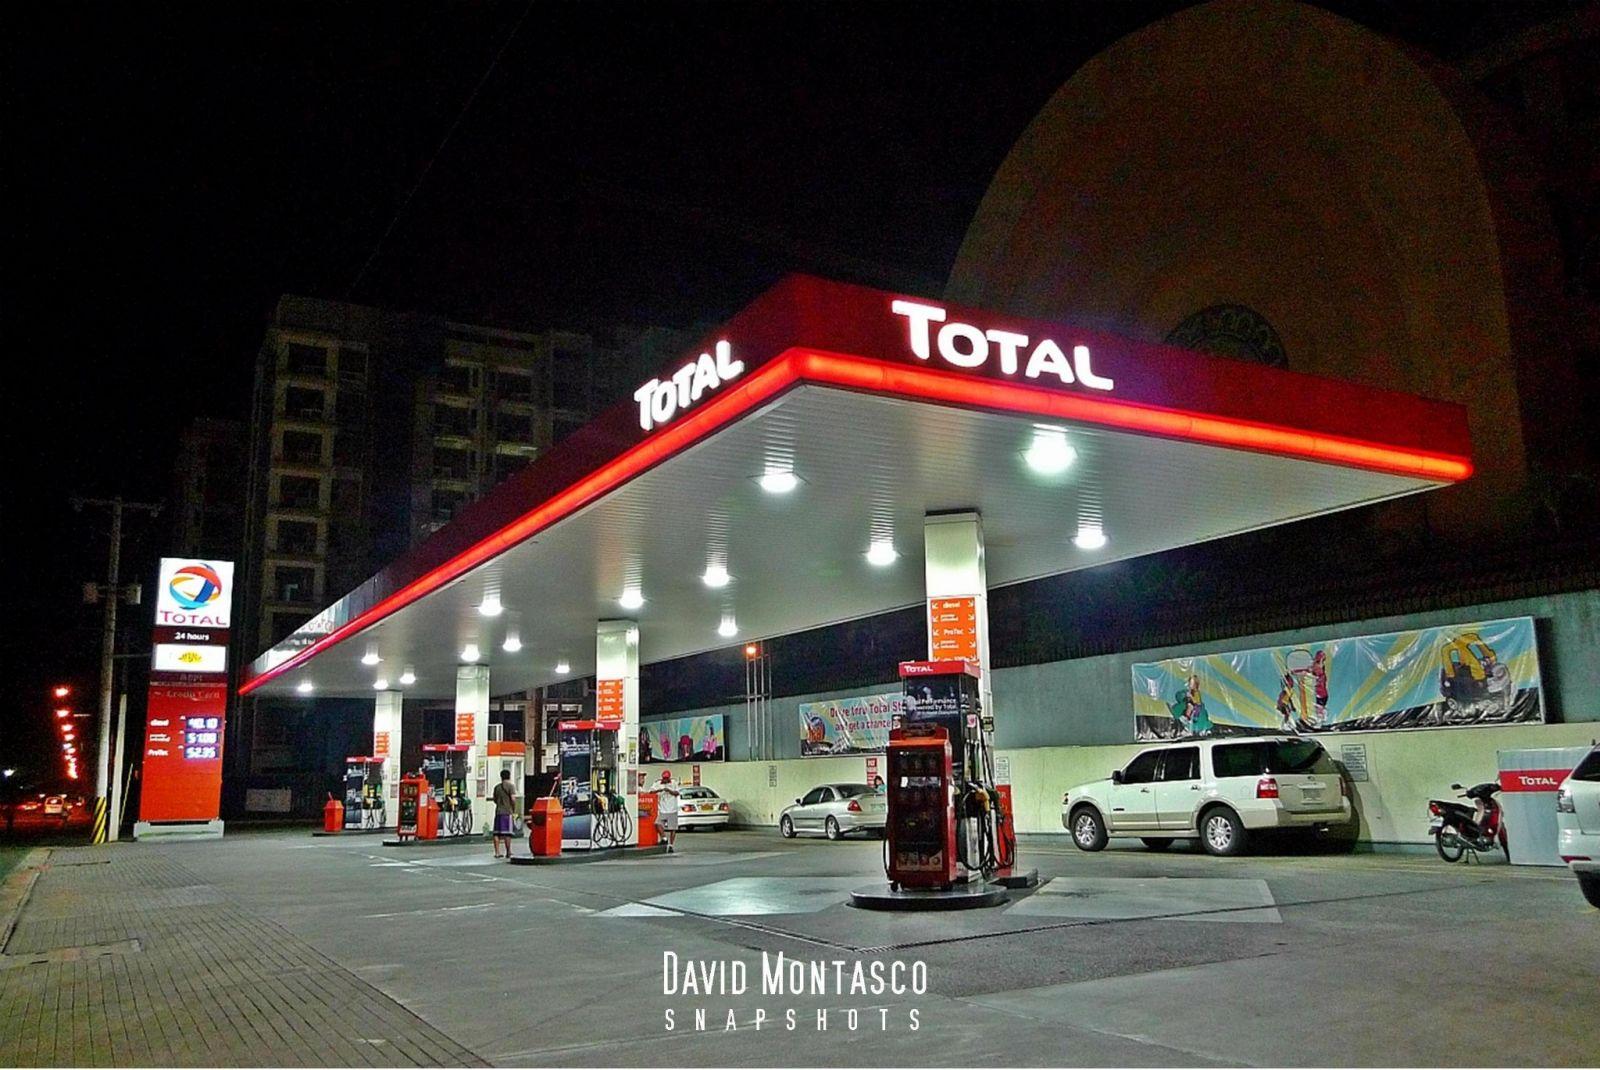 Total rút khỏi thị trường bán lẻ nhiên liệu Indonesia